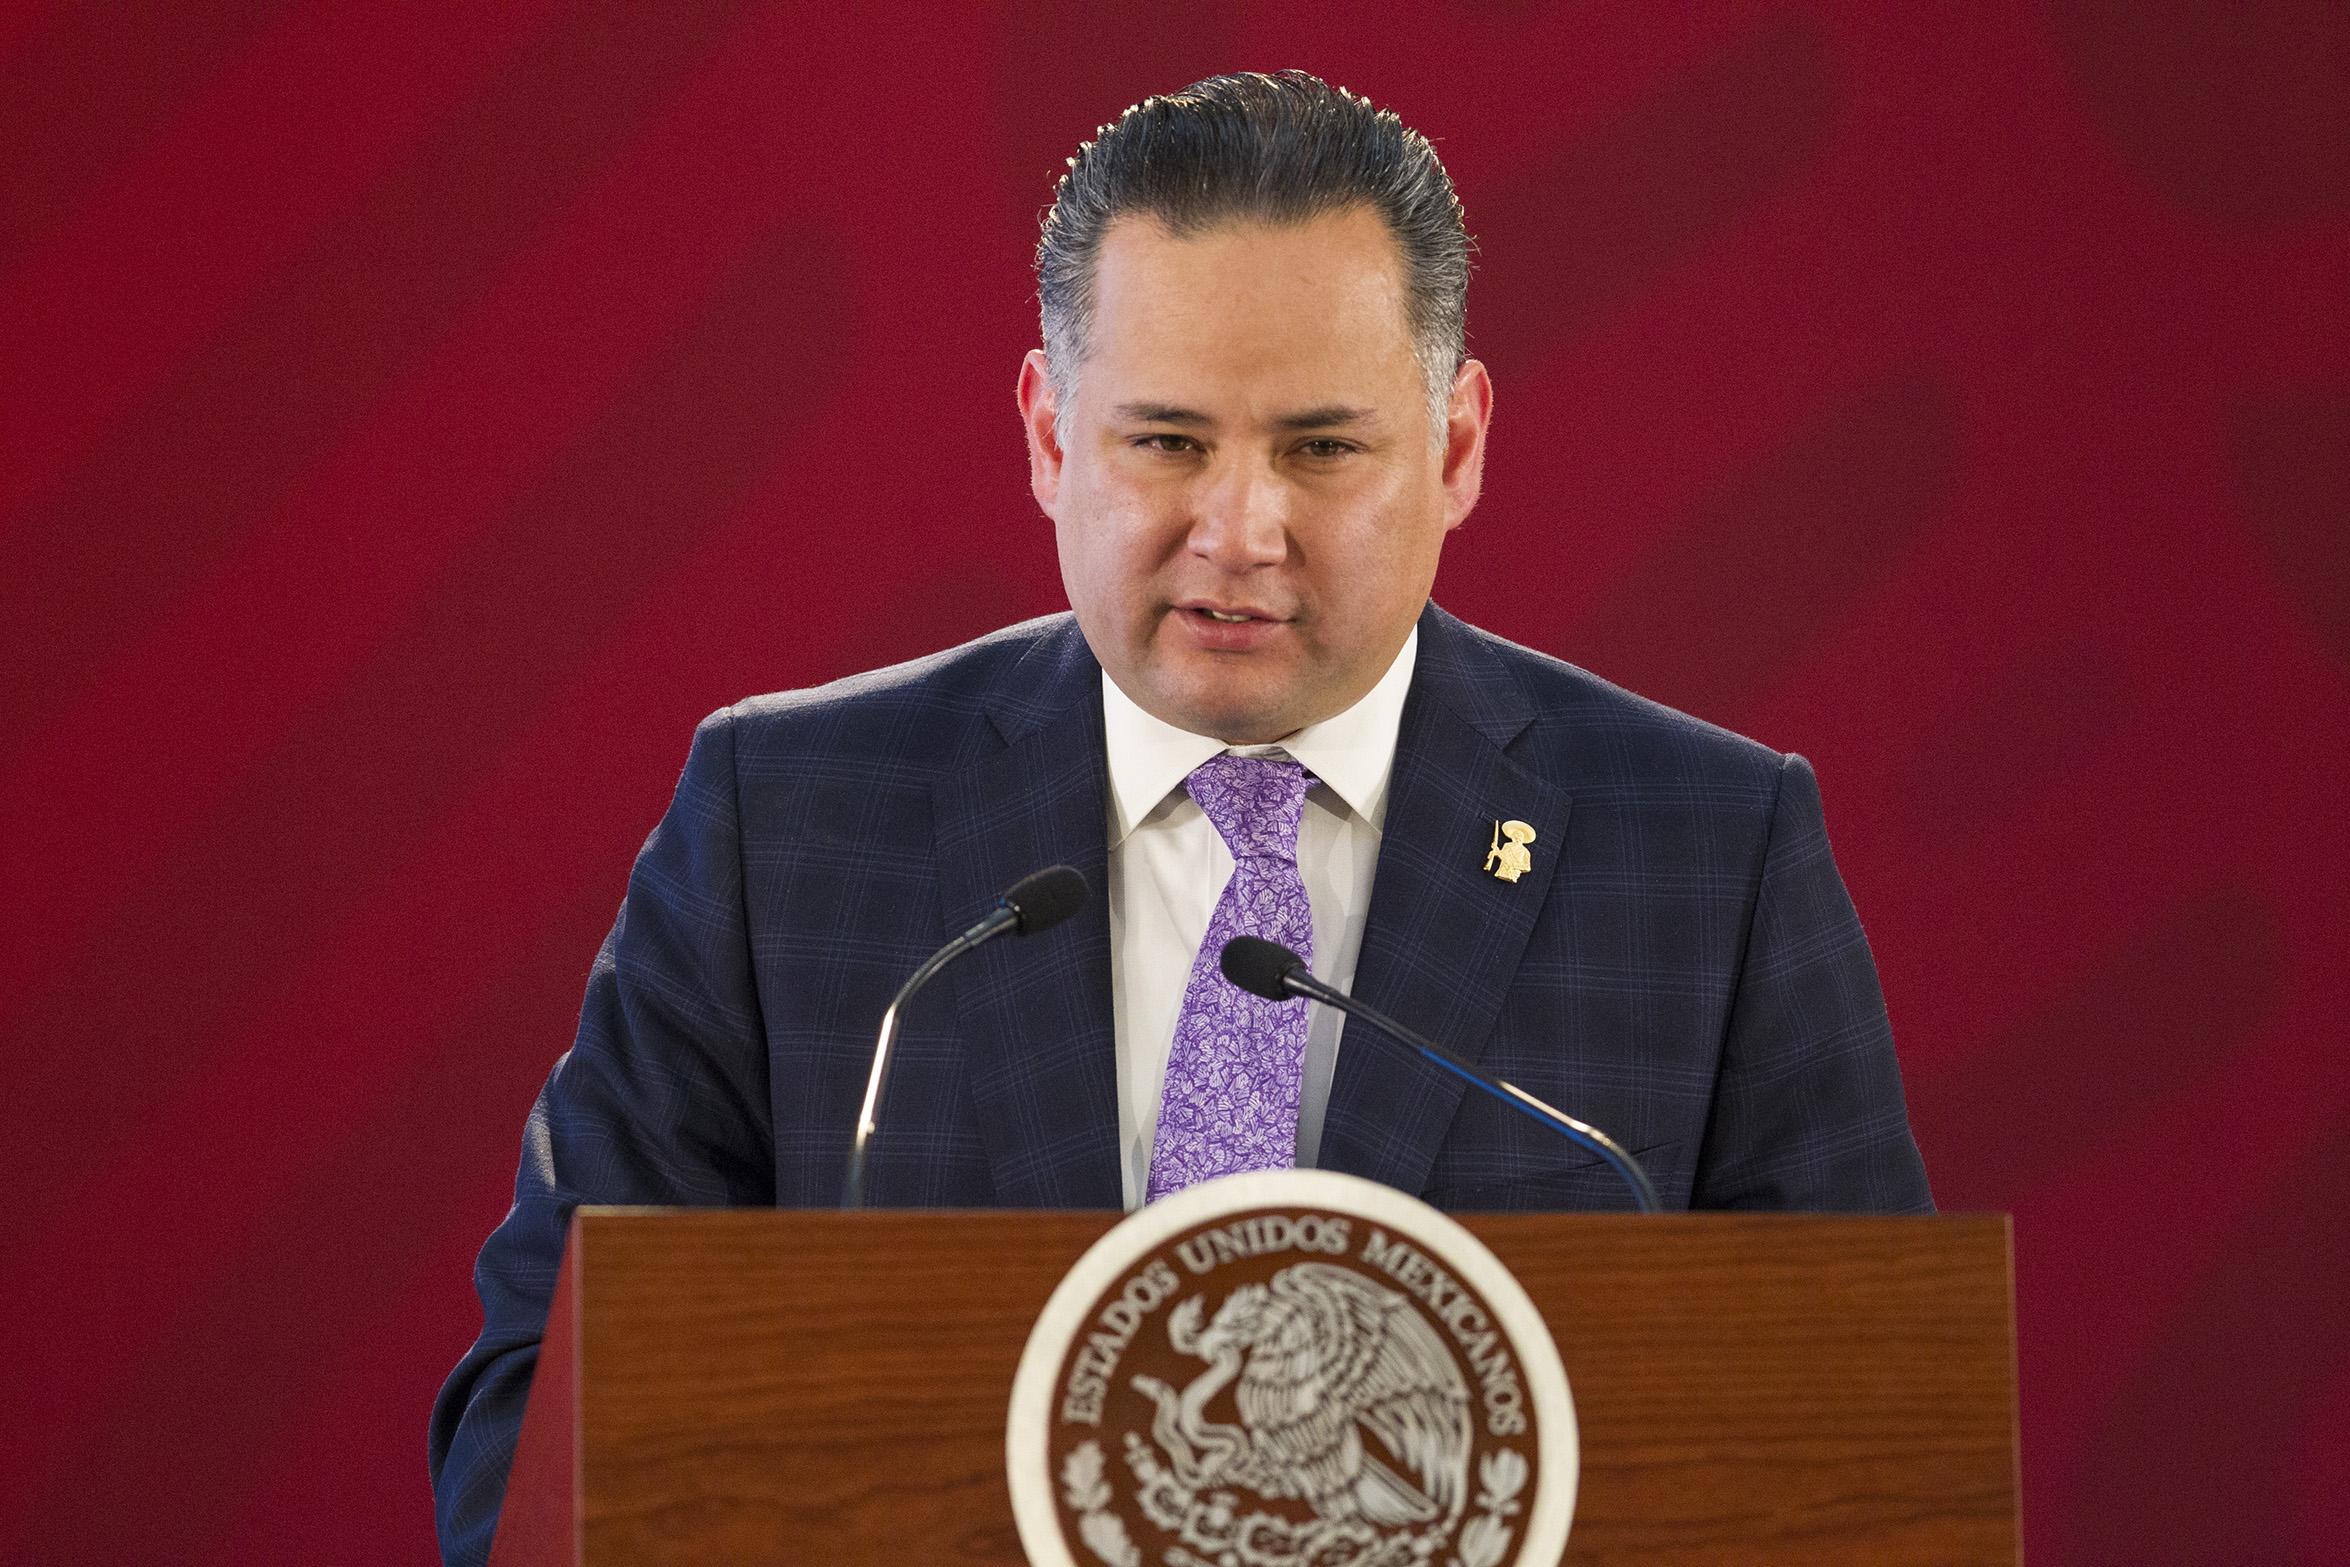 Gobierno pone en la mira a familiar de García Alcocer: habla de lavado y evasión